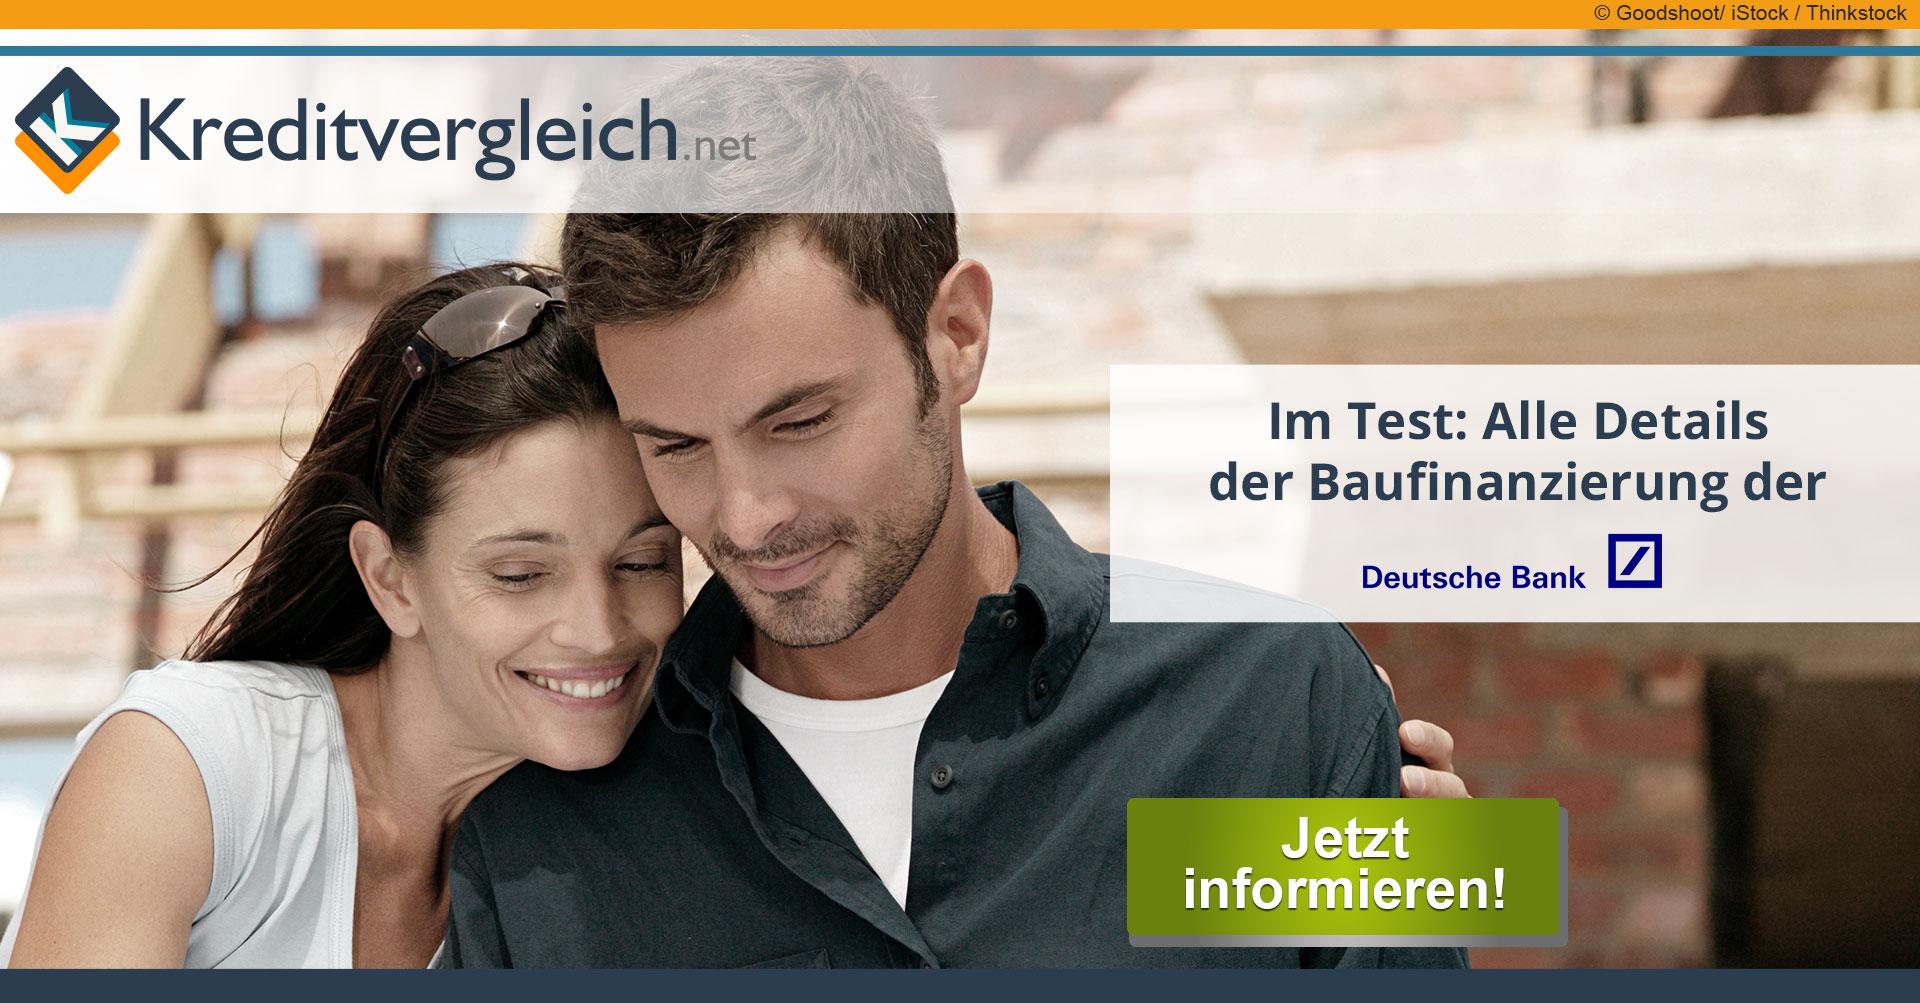 deutsche bank baufinanzierung erfahrungsberichte